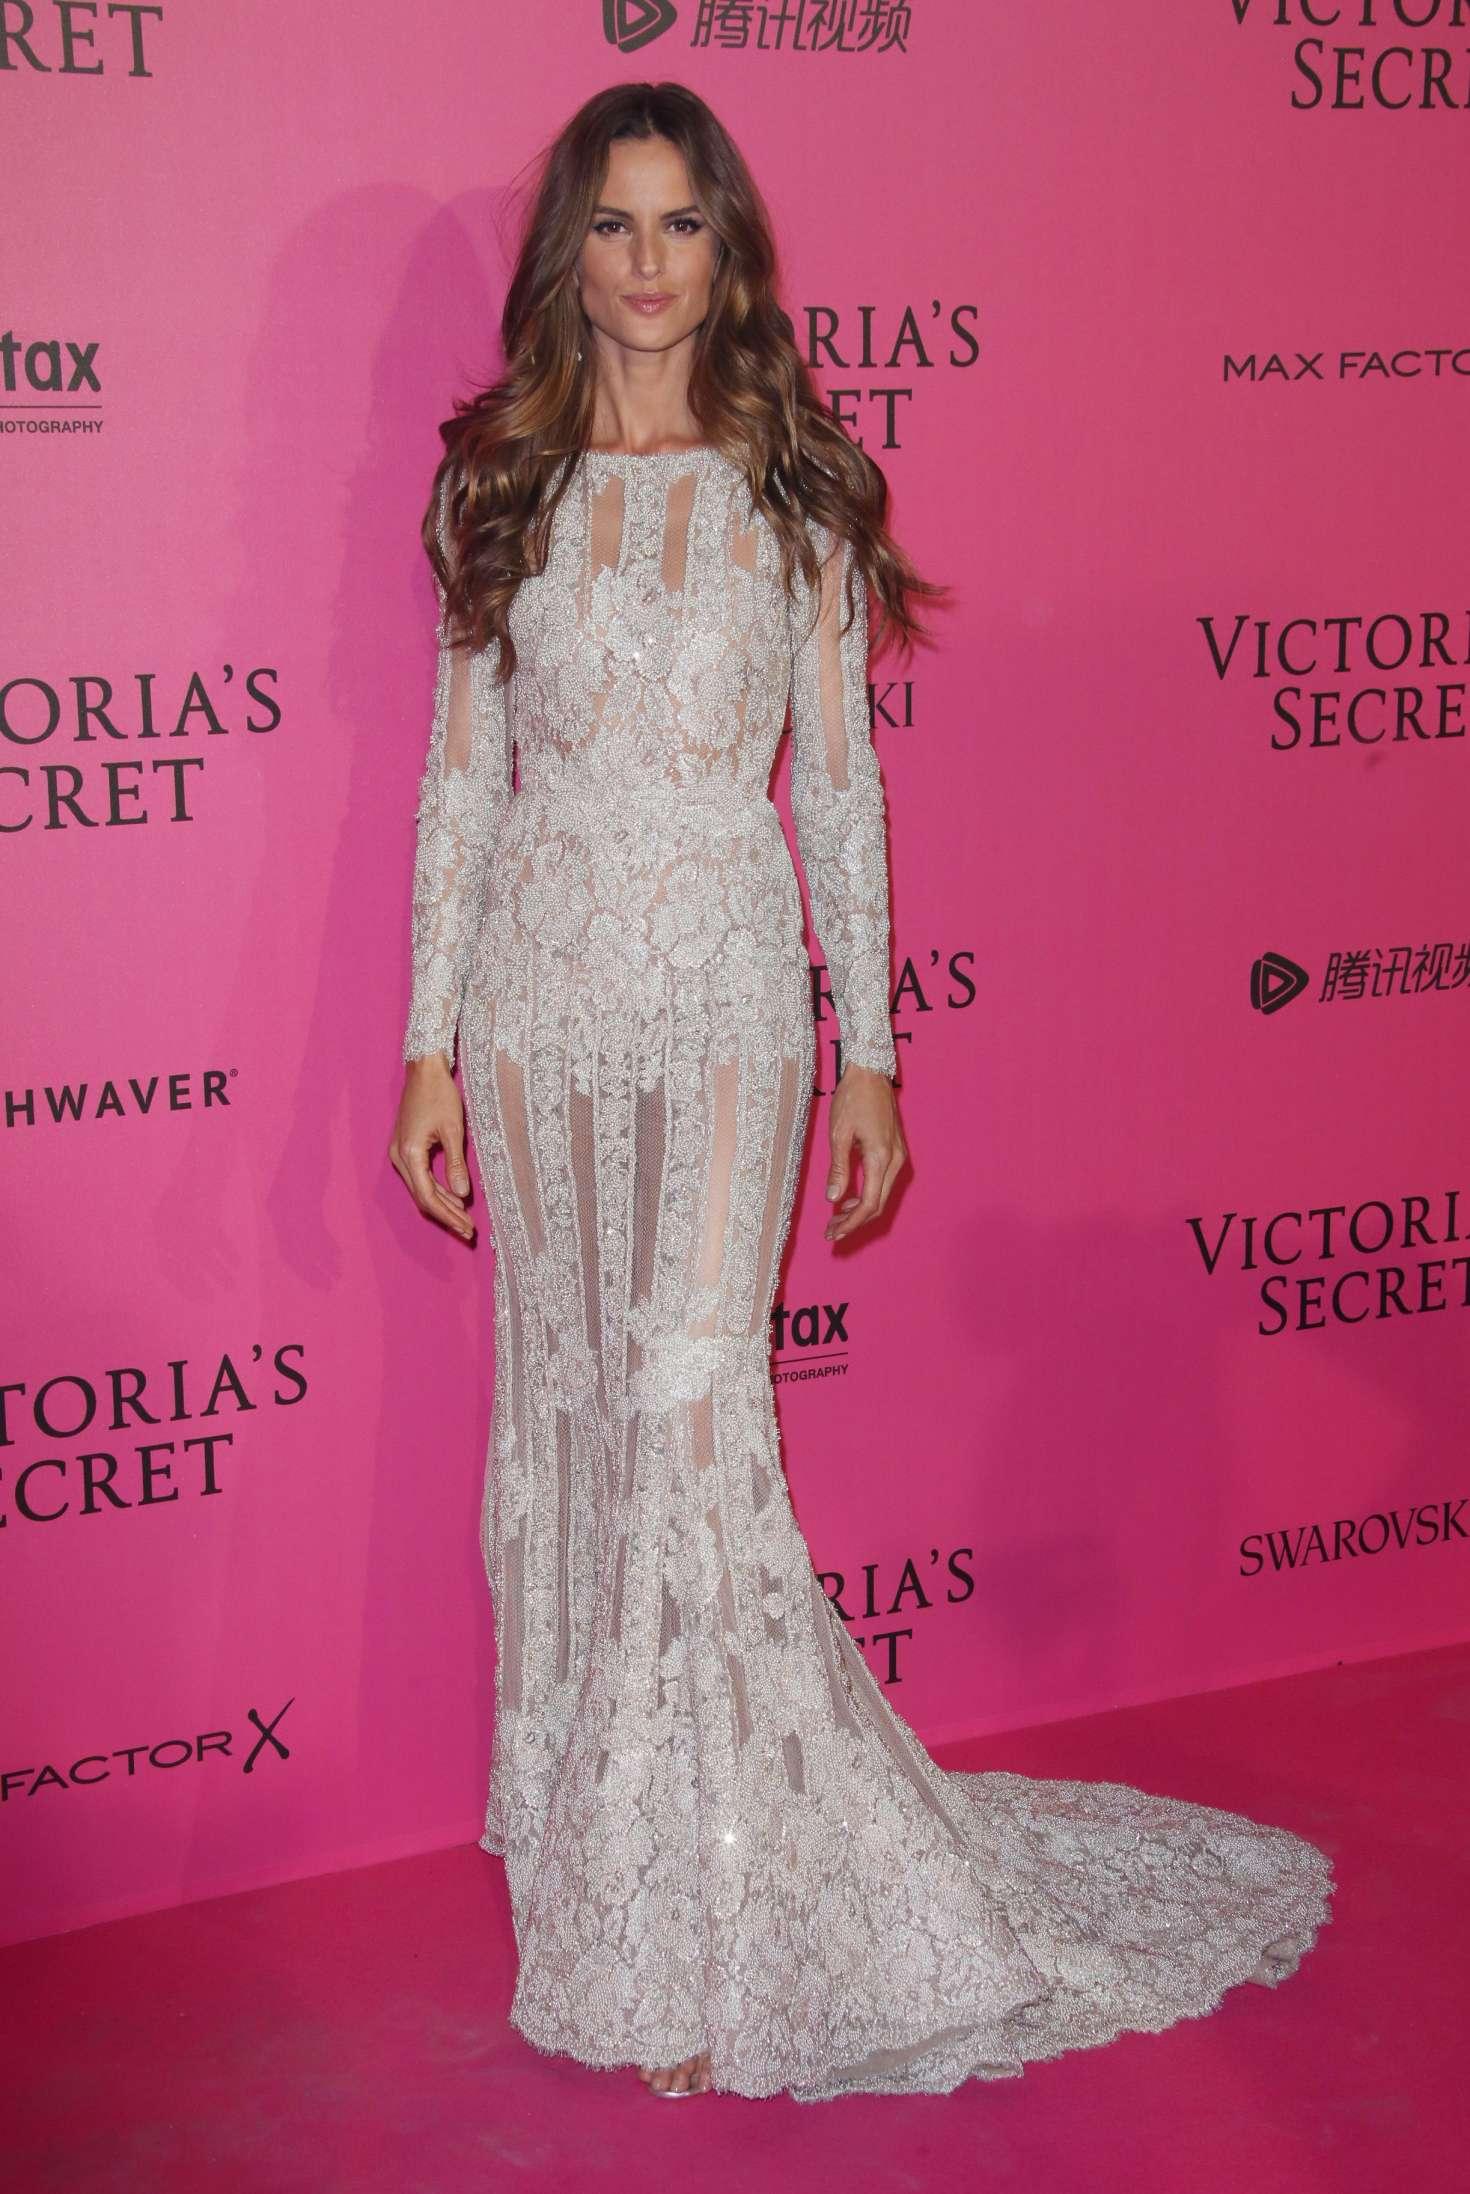 d8ae2b8997 Izabel Goulart  Victorias Secret Fashion Show 2016 After Party -04 ...